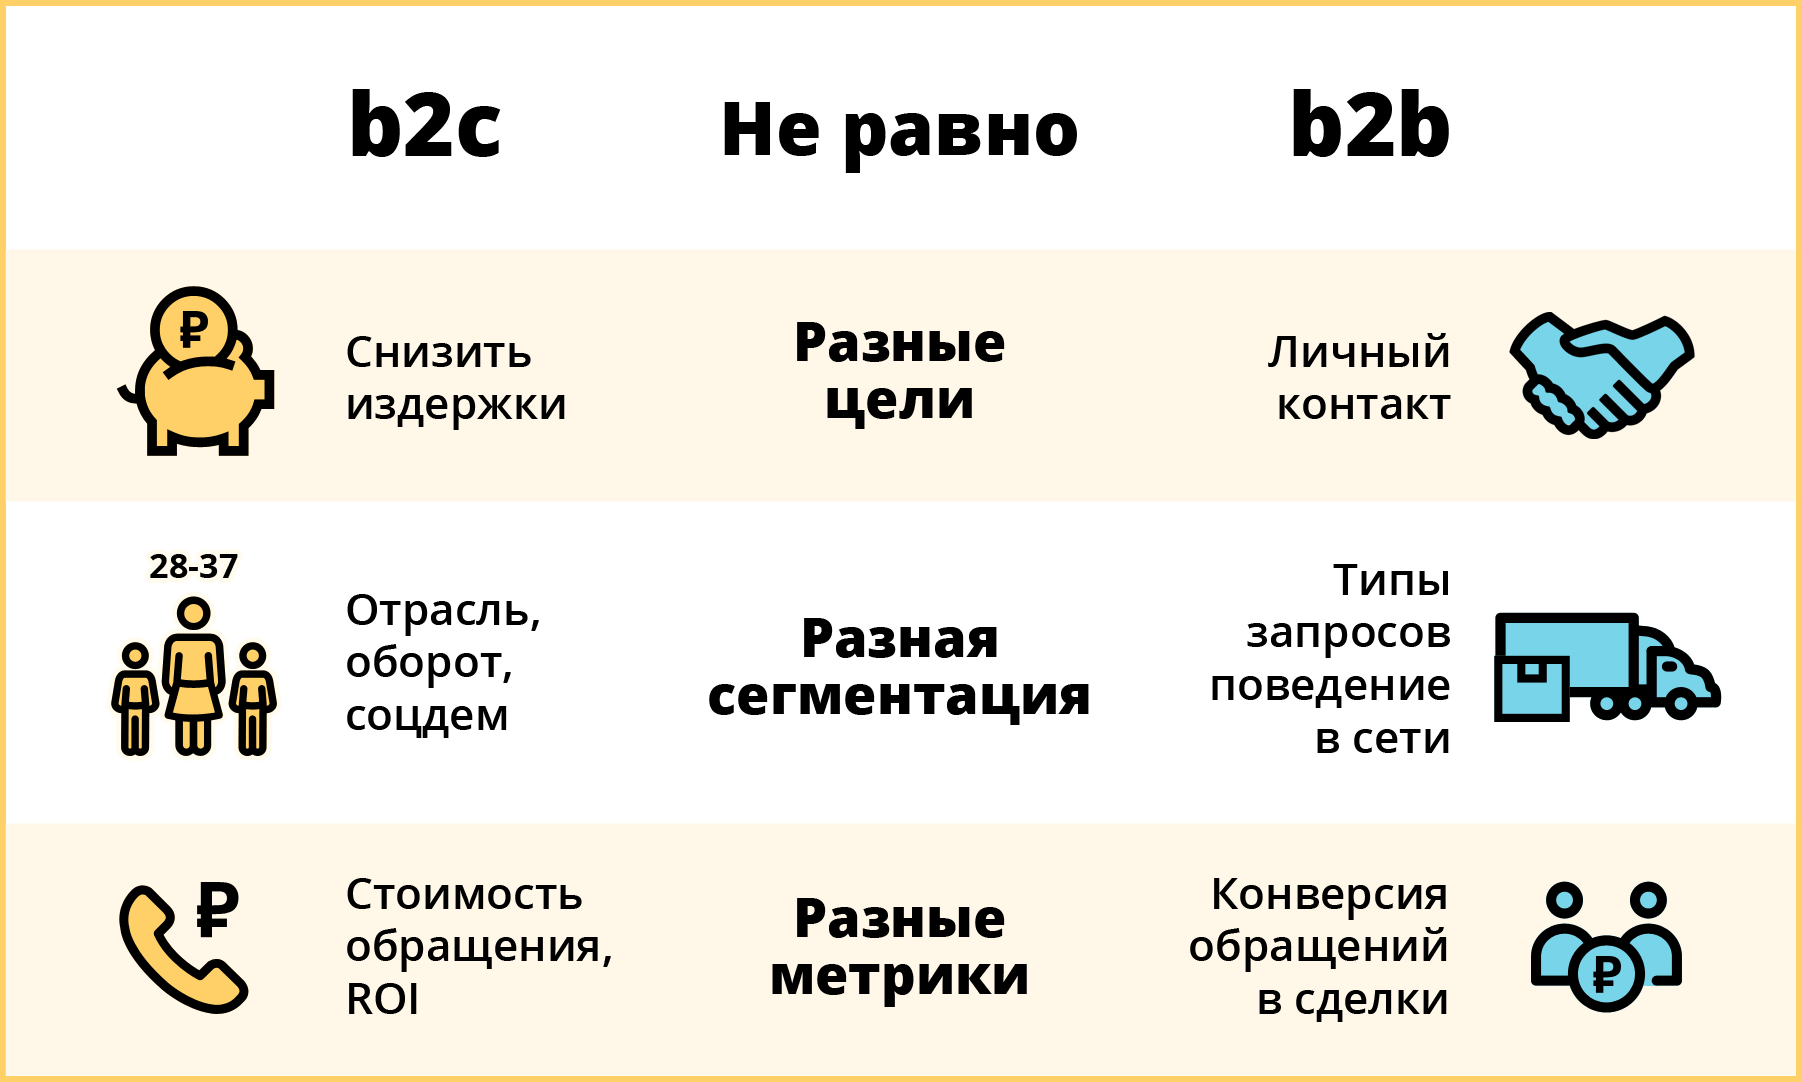 b2b не равно b2c